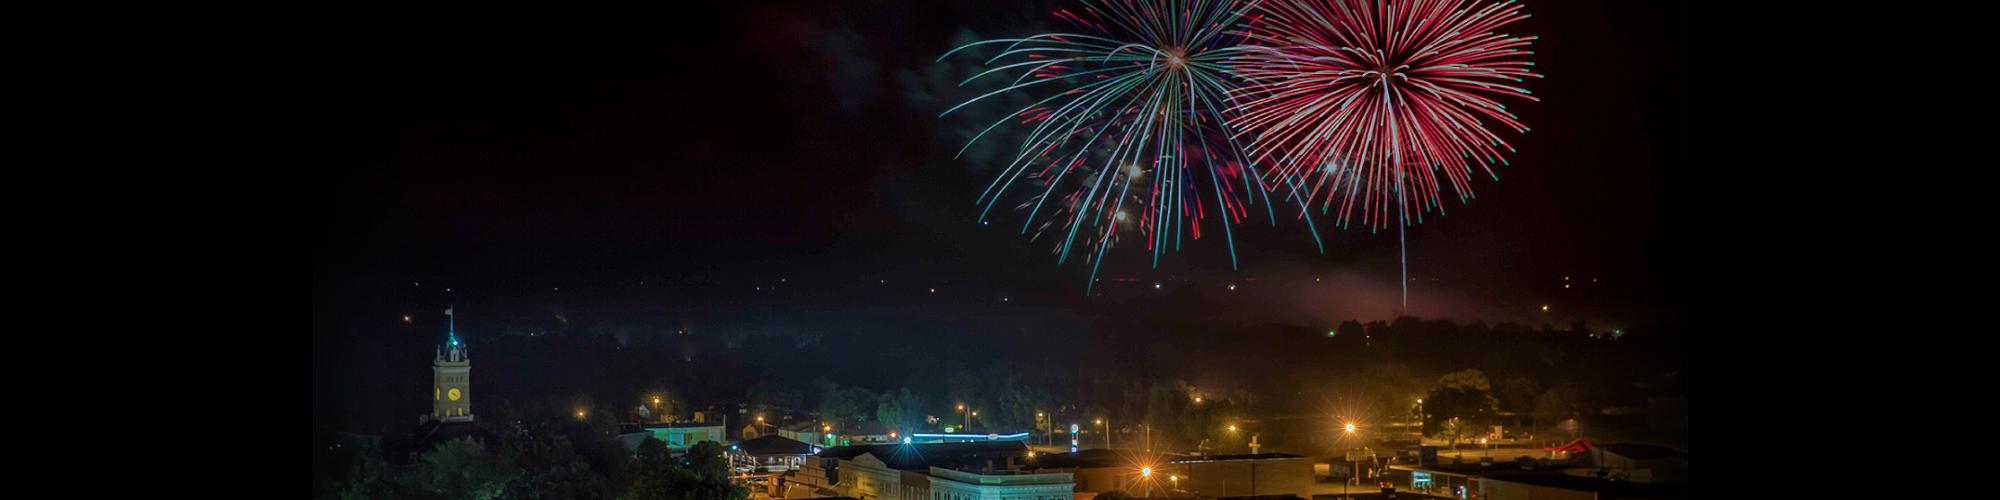 Slider_Fireworks_2000x500